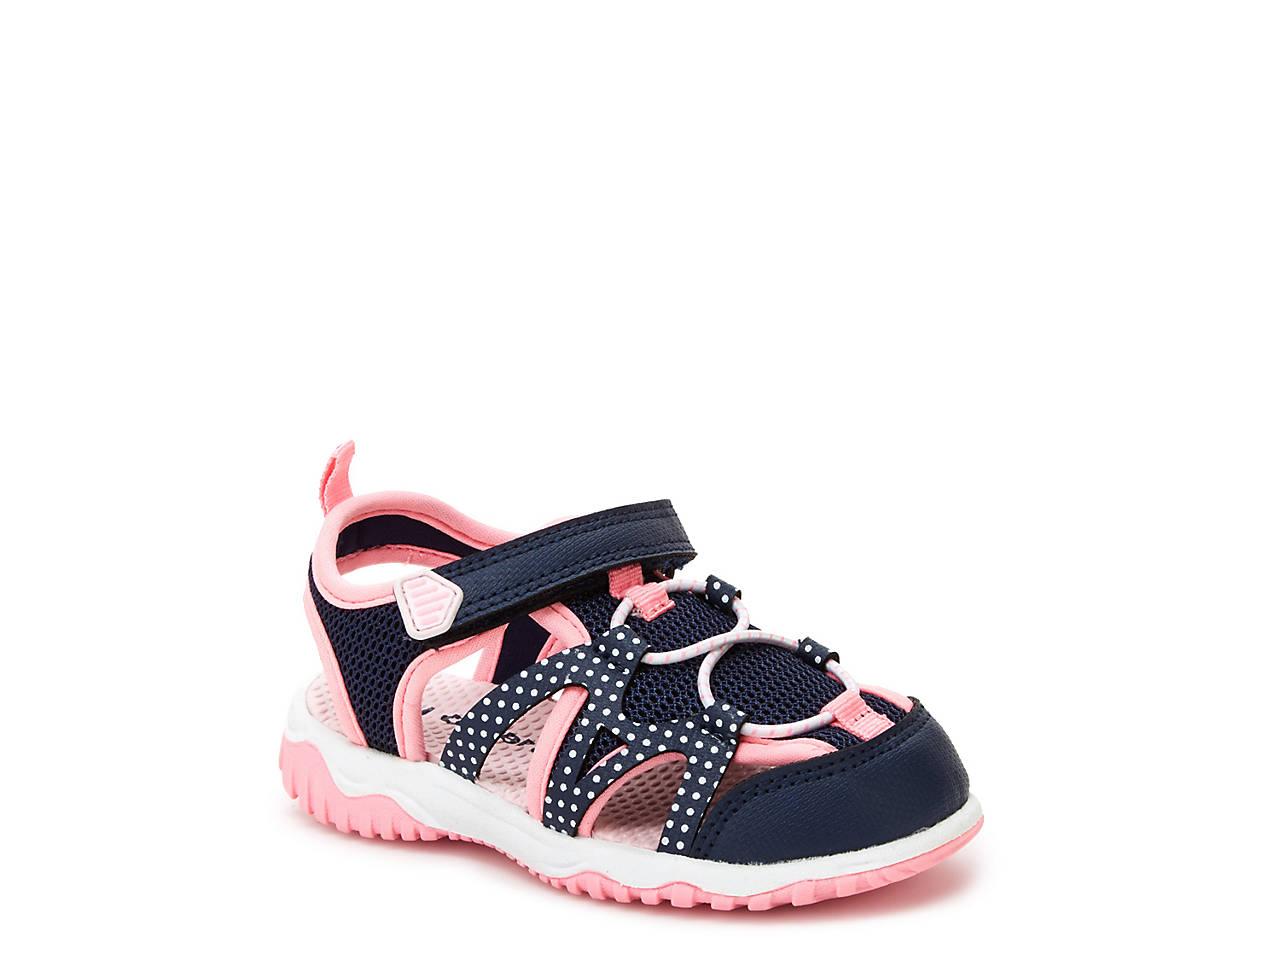 b9409f1378d0 Carter s Zyntec Toddler Sandal Kids Shoes